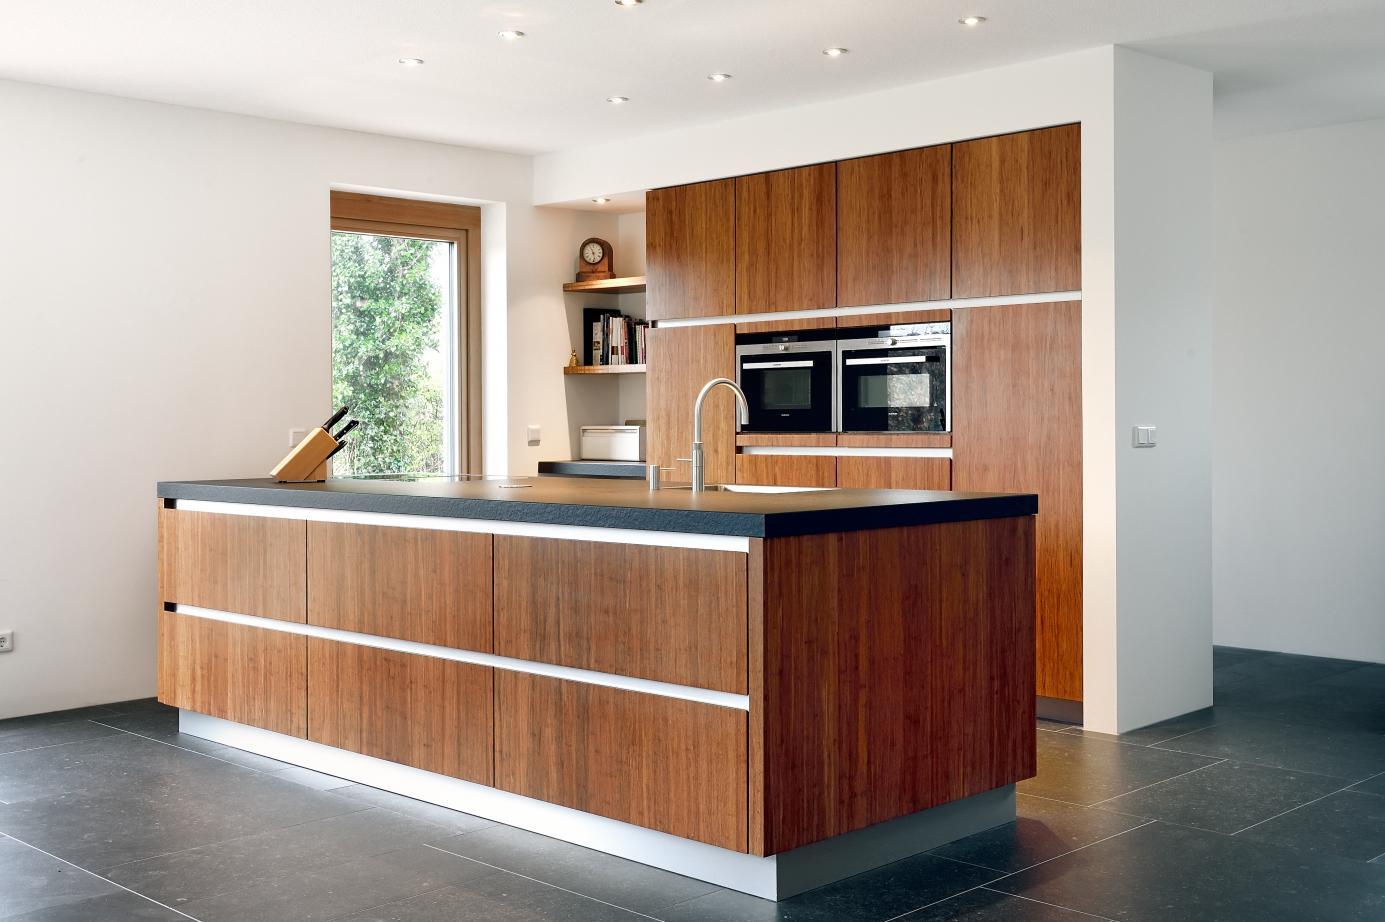 Keukens met een kookeiland inspiratie nieuws startpagina voor keuken idee n uw - Fotos van de keuken ...